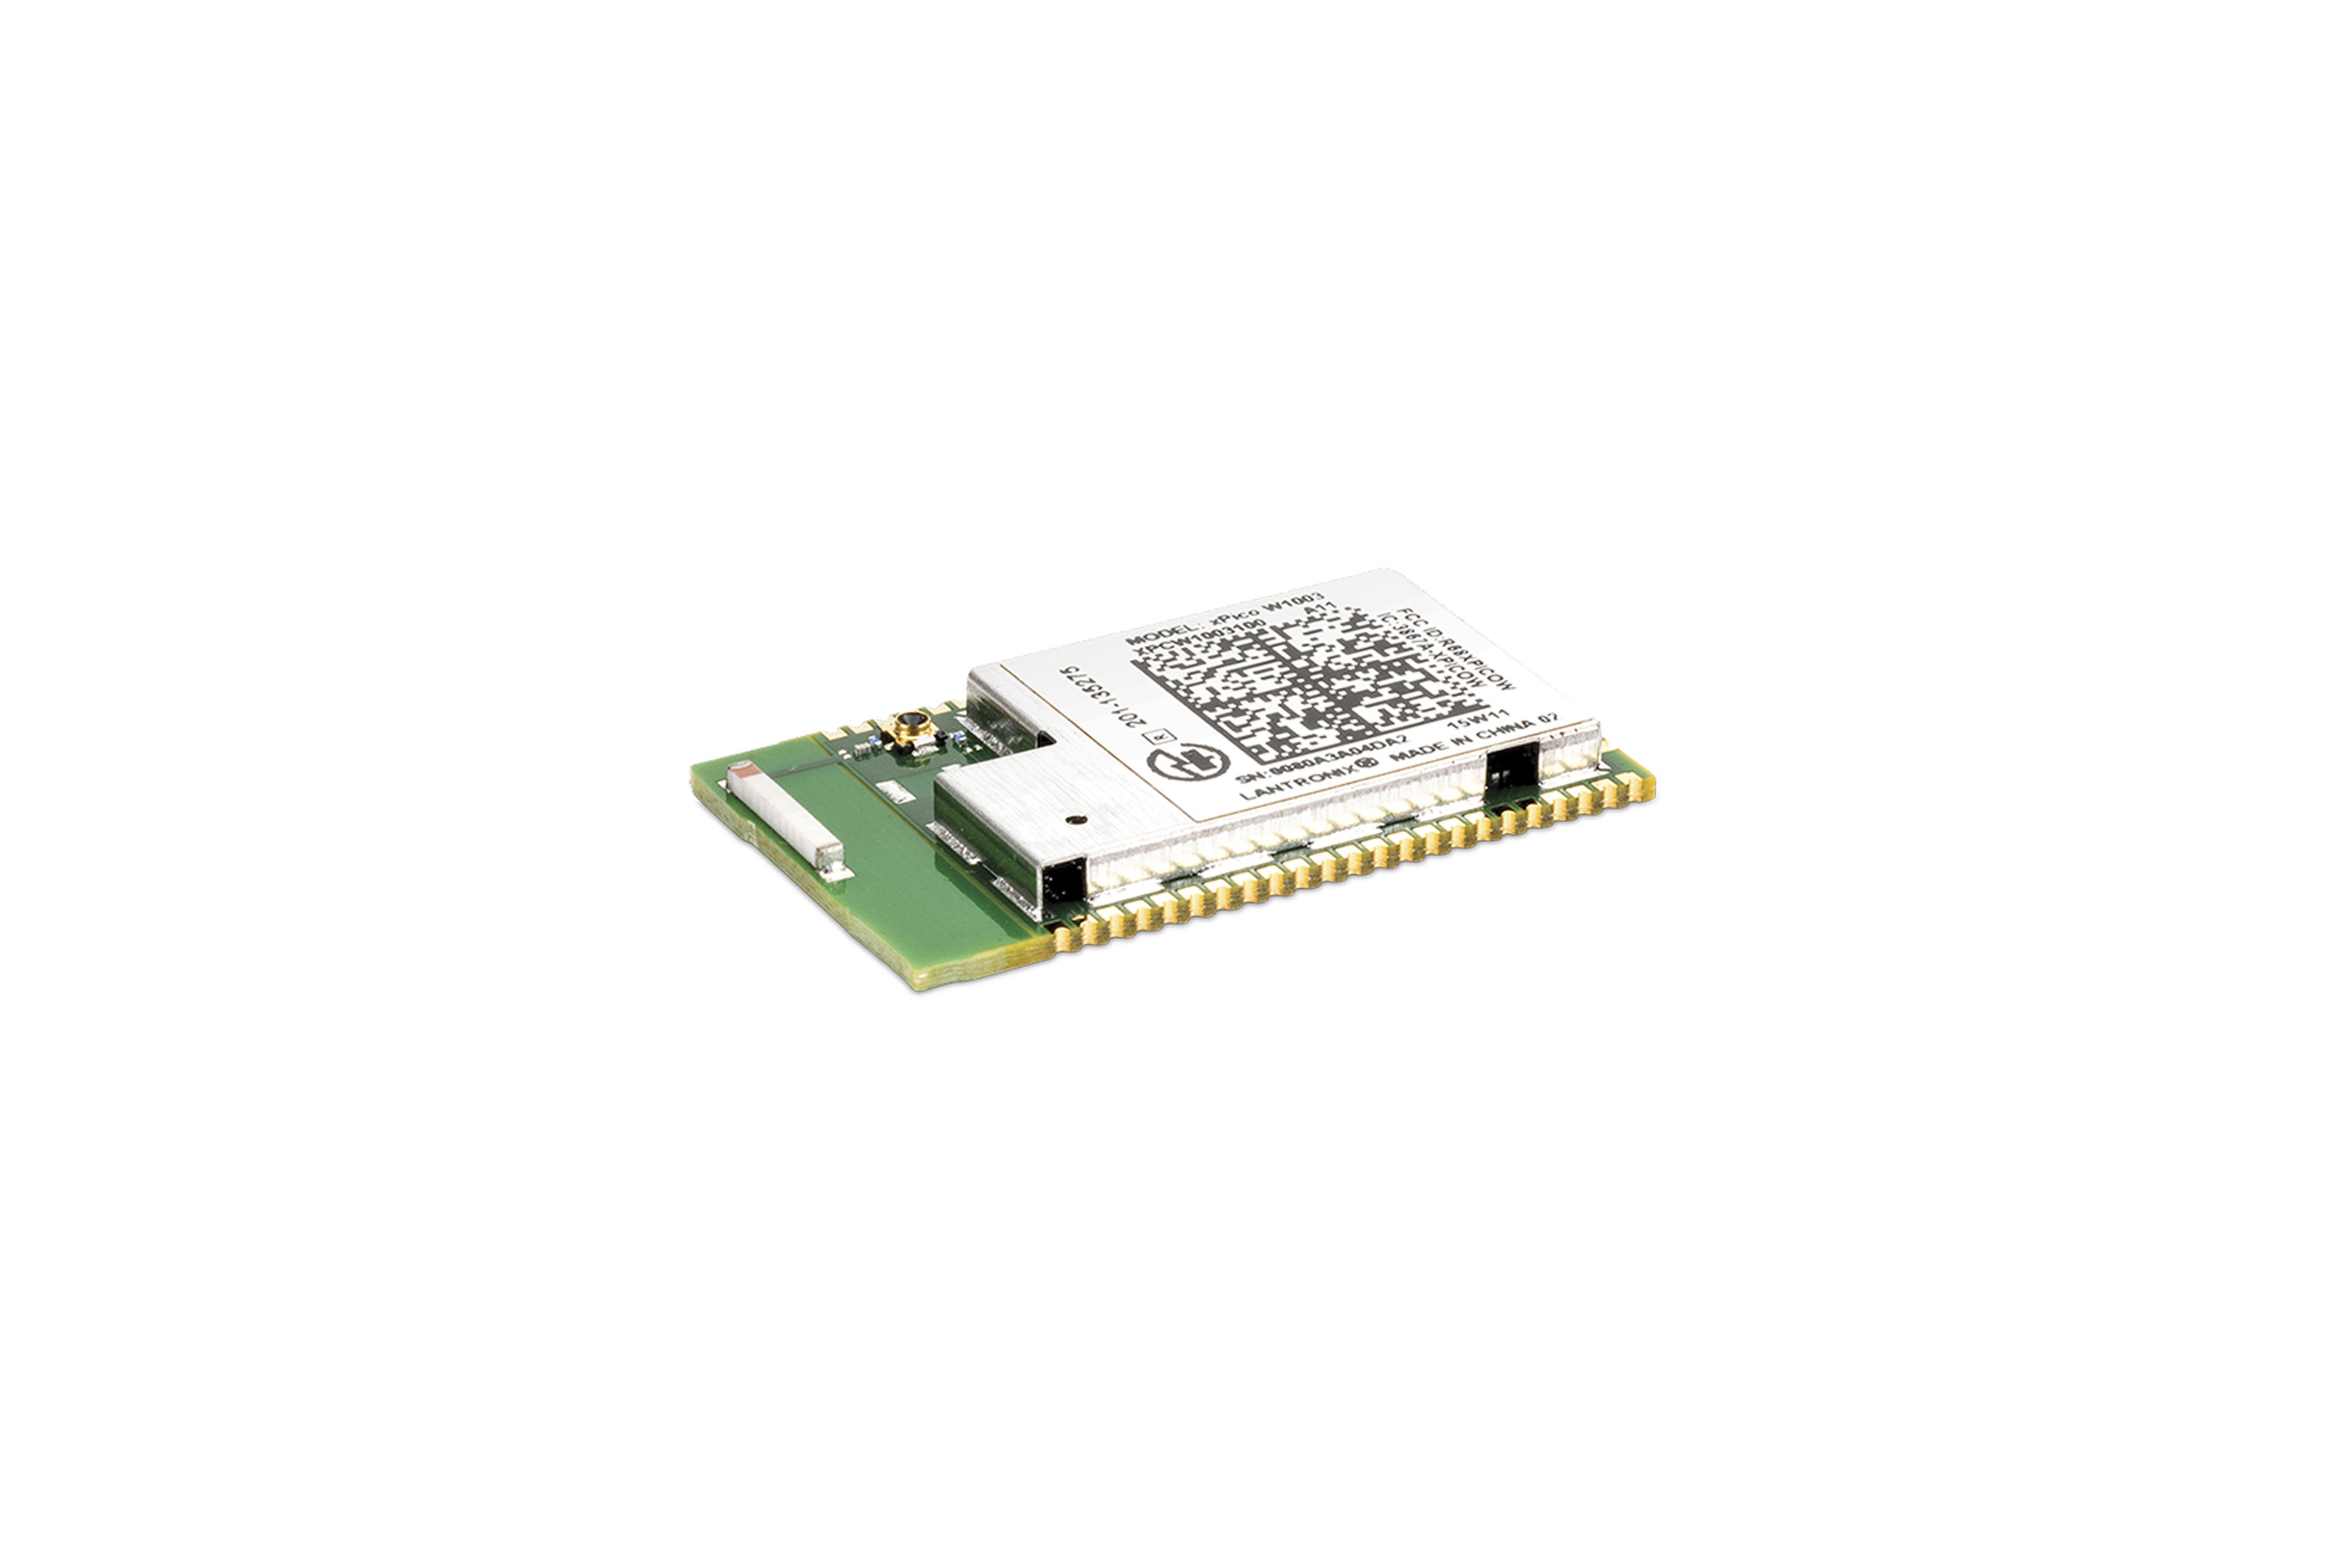 SERIEEL NAAR WI-FI SERVER IEEE 802.11B/G/N